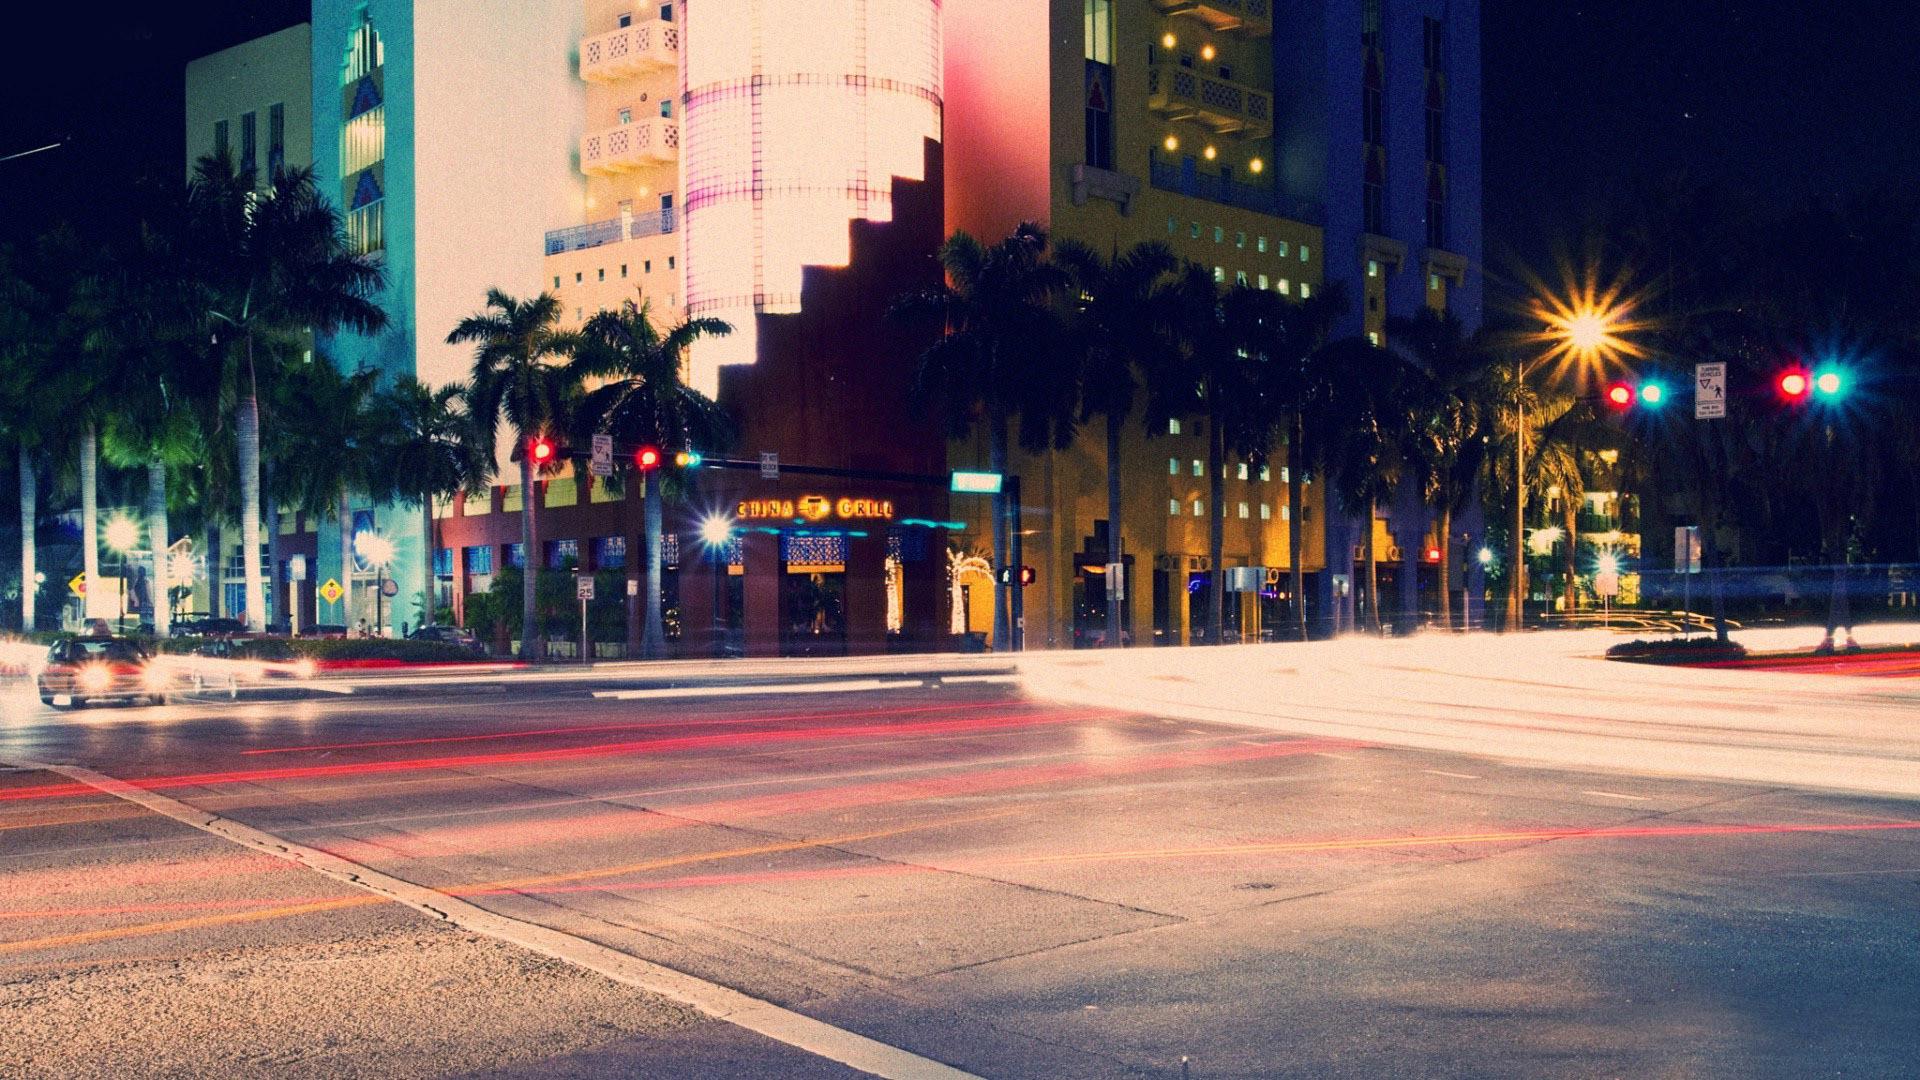 South Beach at night wallpaper #11971